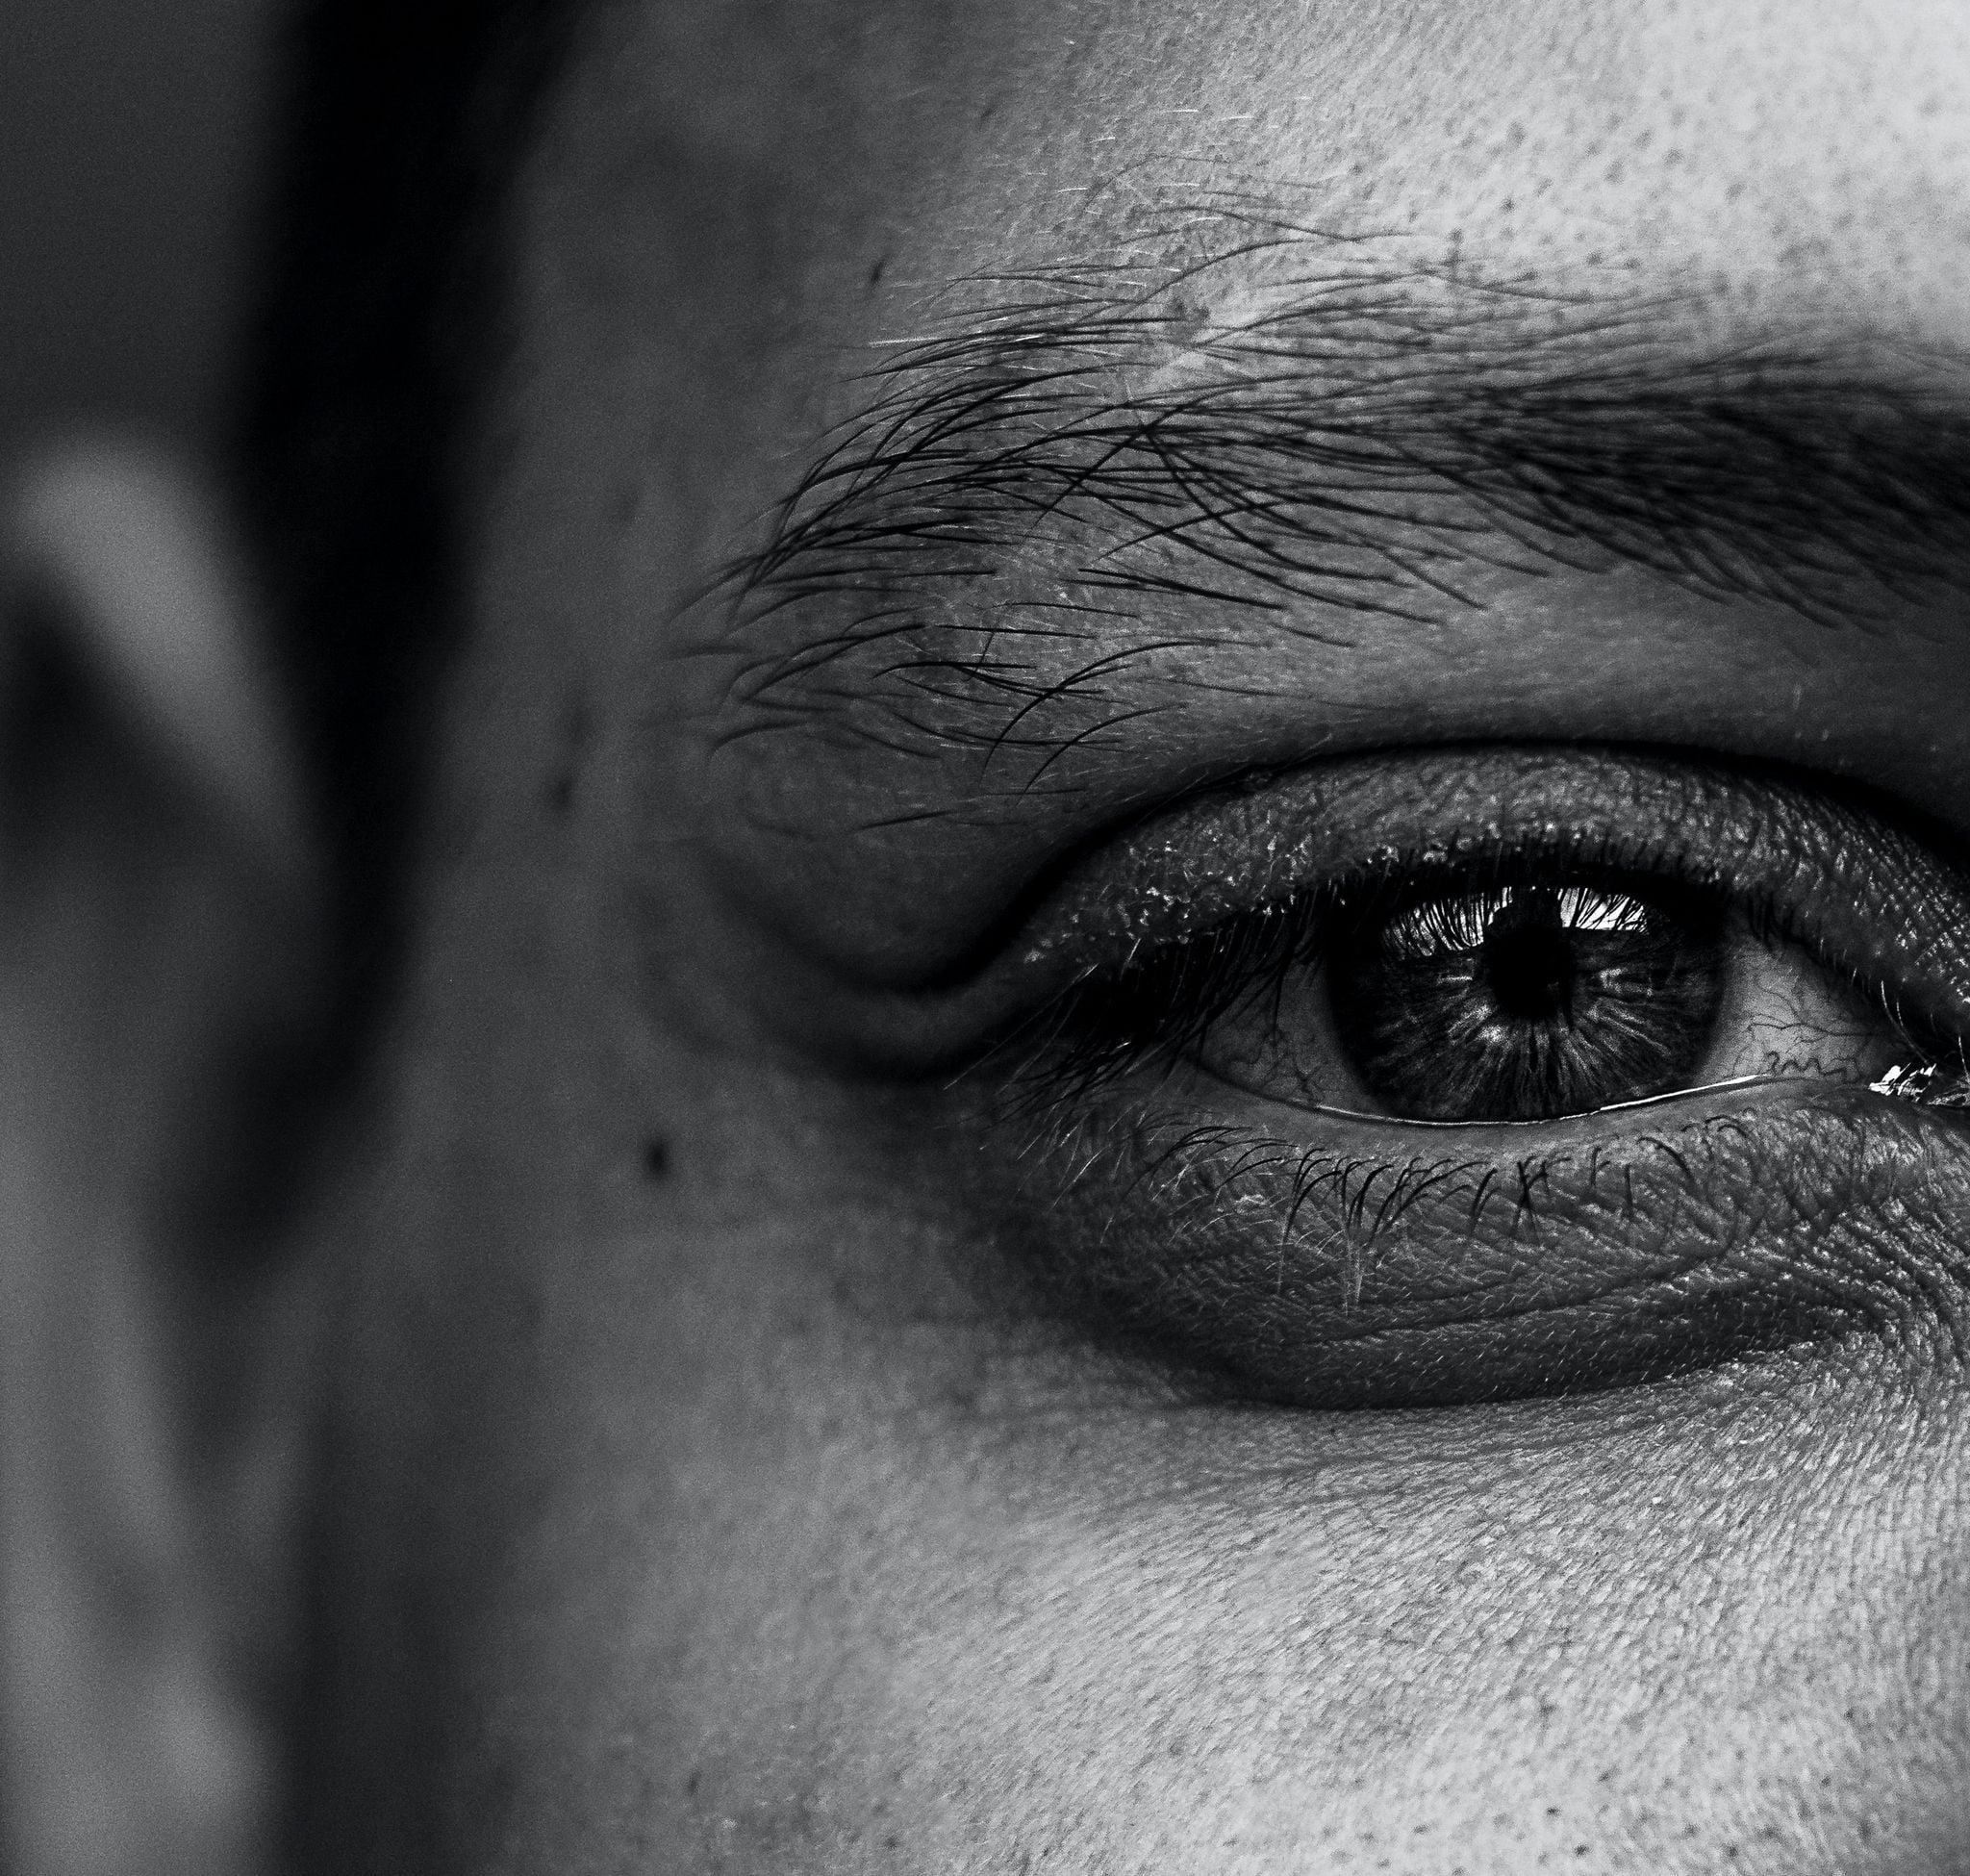 Cienie pod oczami u mężczyzn – co stosować na podkrążone oczy?